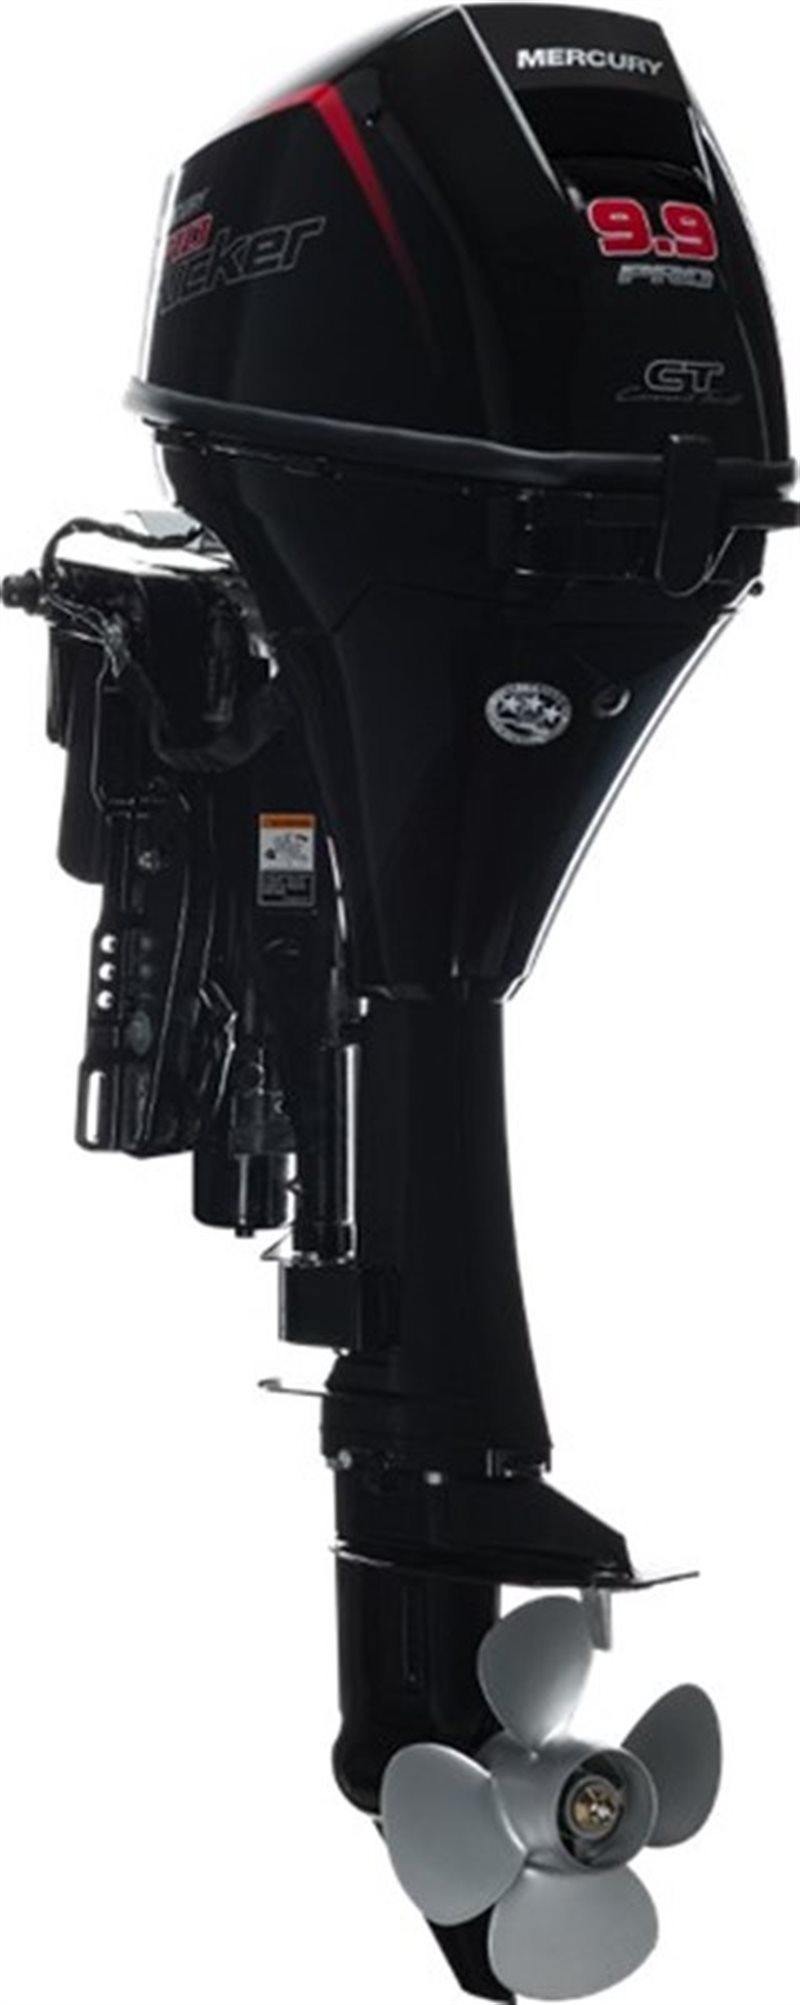 99 hp ProKicker at DT Powersports & Marine